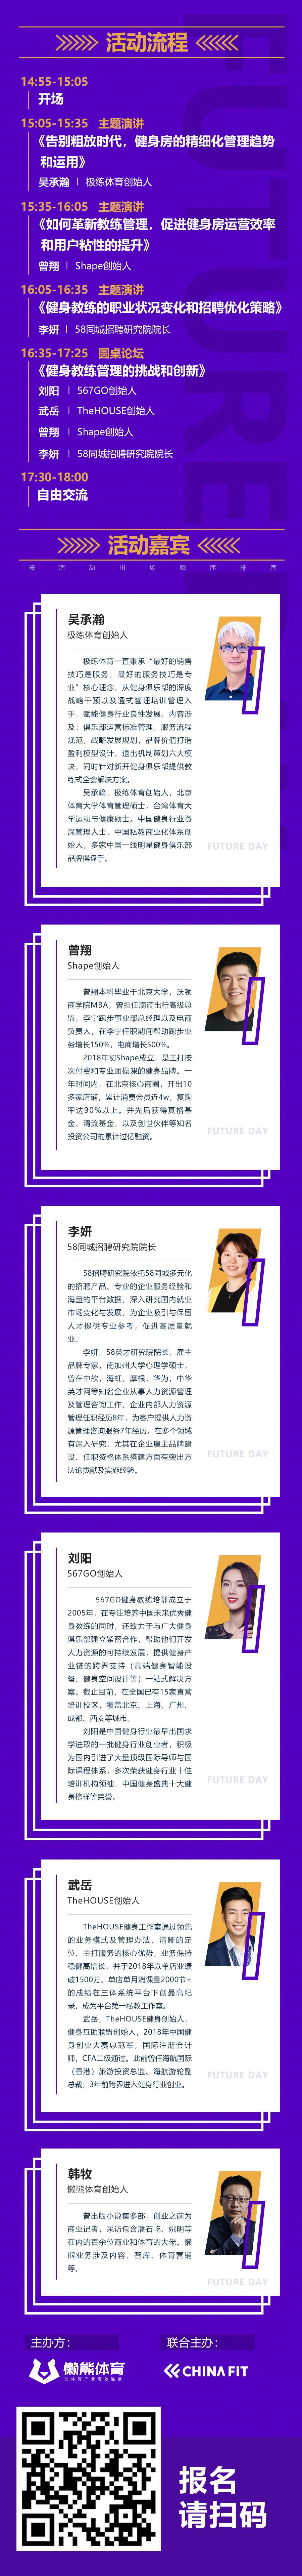 6月18日「健身创新管理趋势论坛」北京举办,报名从速 | 懒熊FutureDay